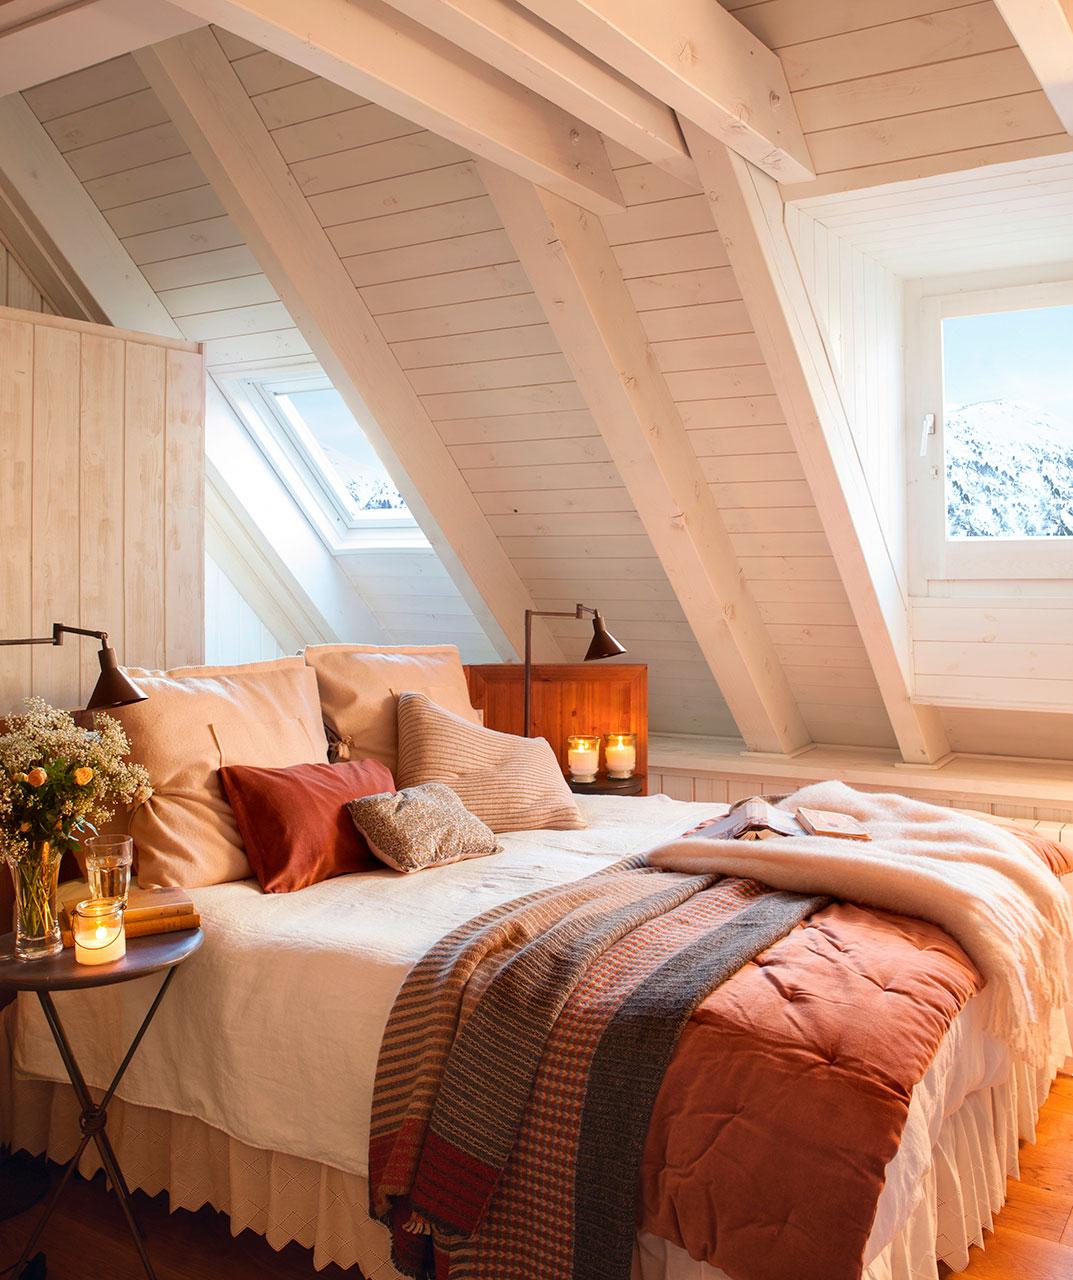 Dormitorios pr cticos y elegantes - Decoracion dormitorio rustico ...